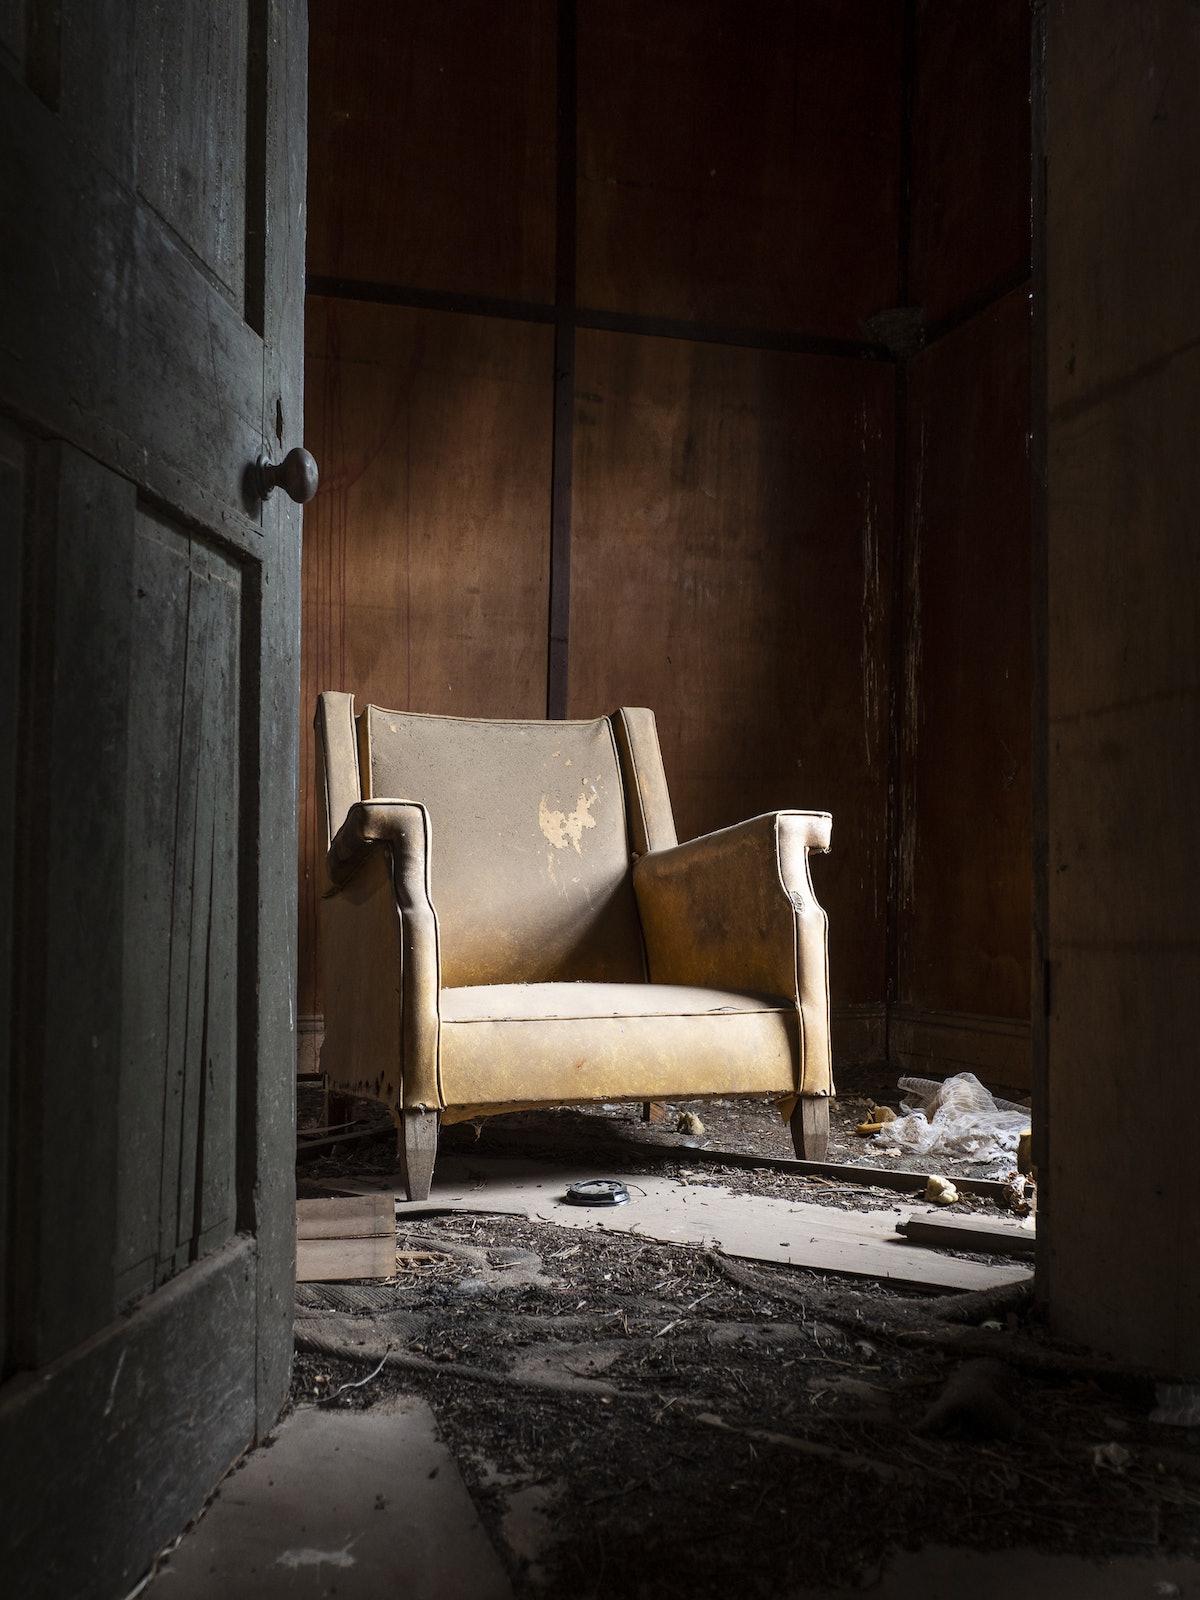 couch-70377 - OLYMPUS DIGITAL CAMERA